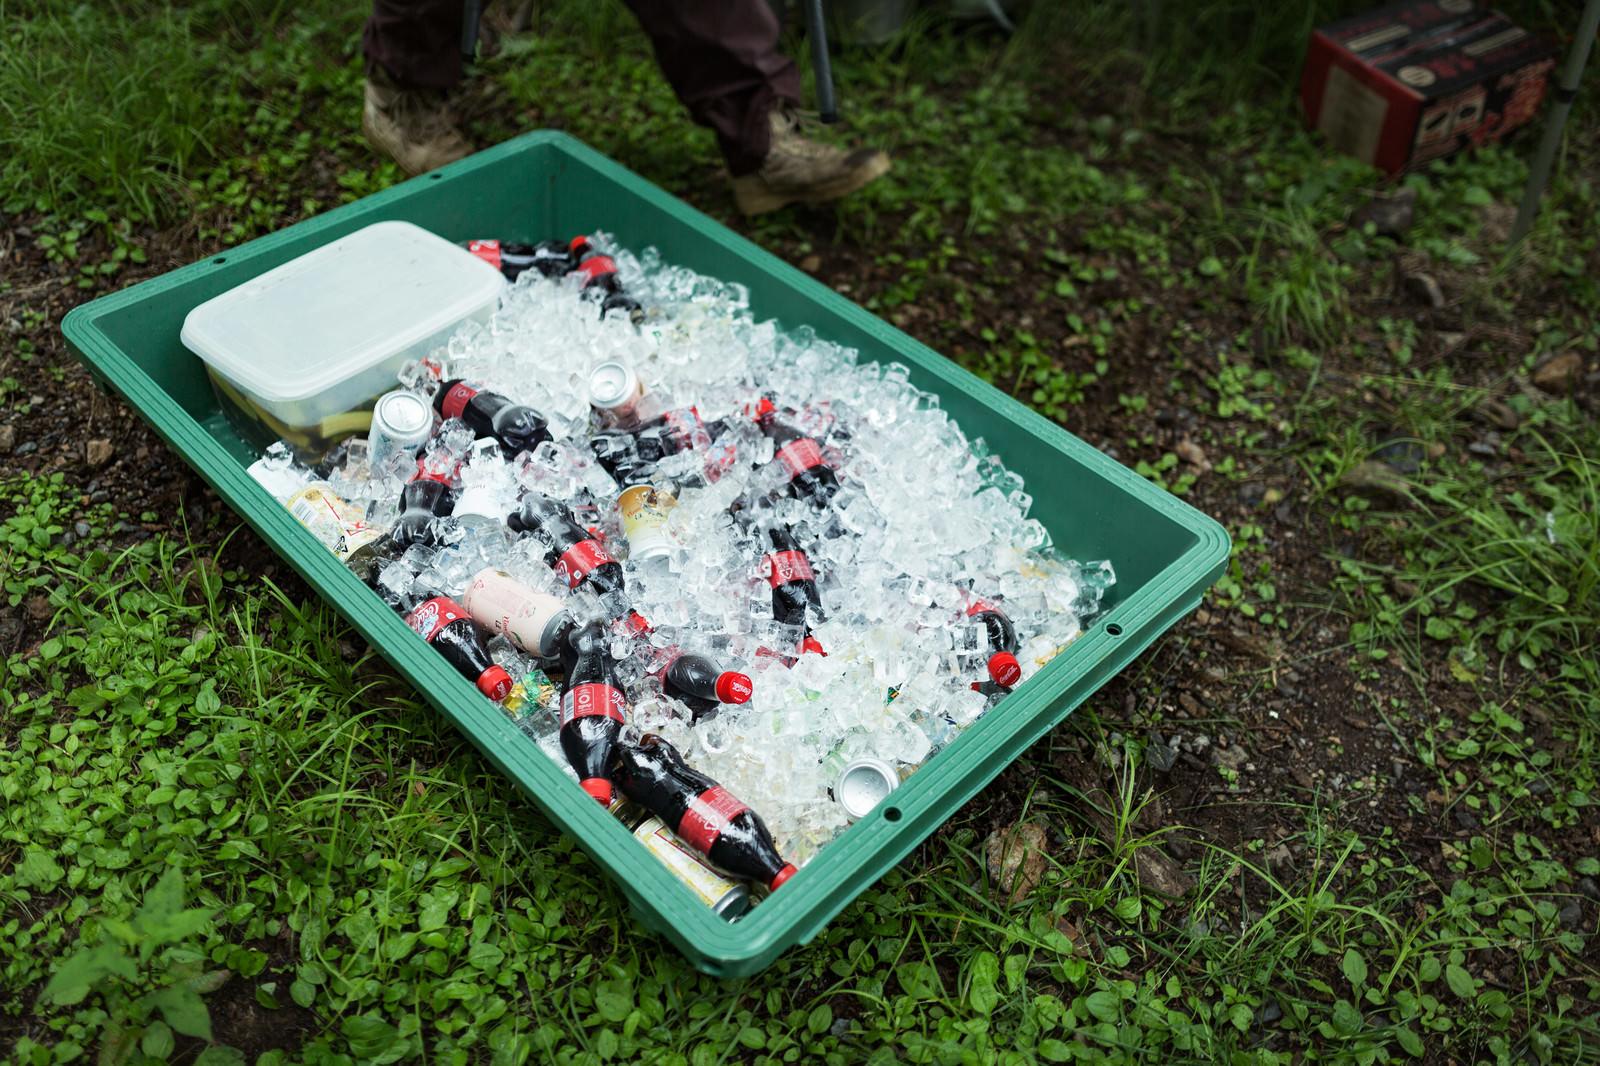 「氷で冷やされたペットボトルの飲み物」の写真